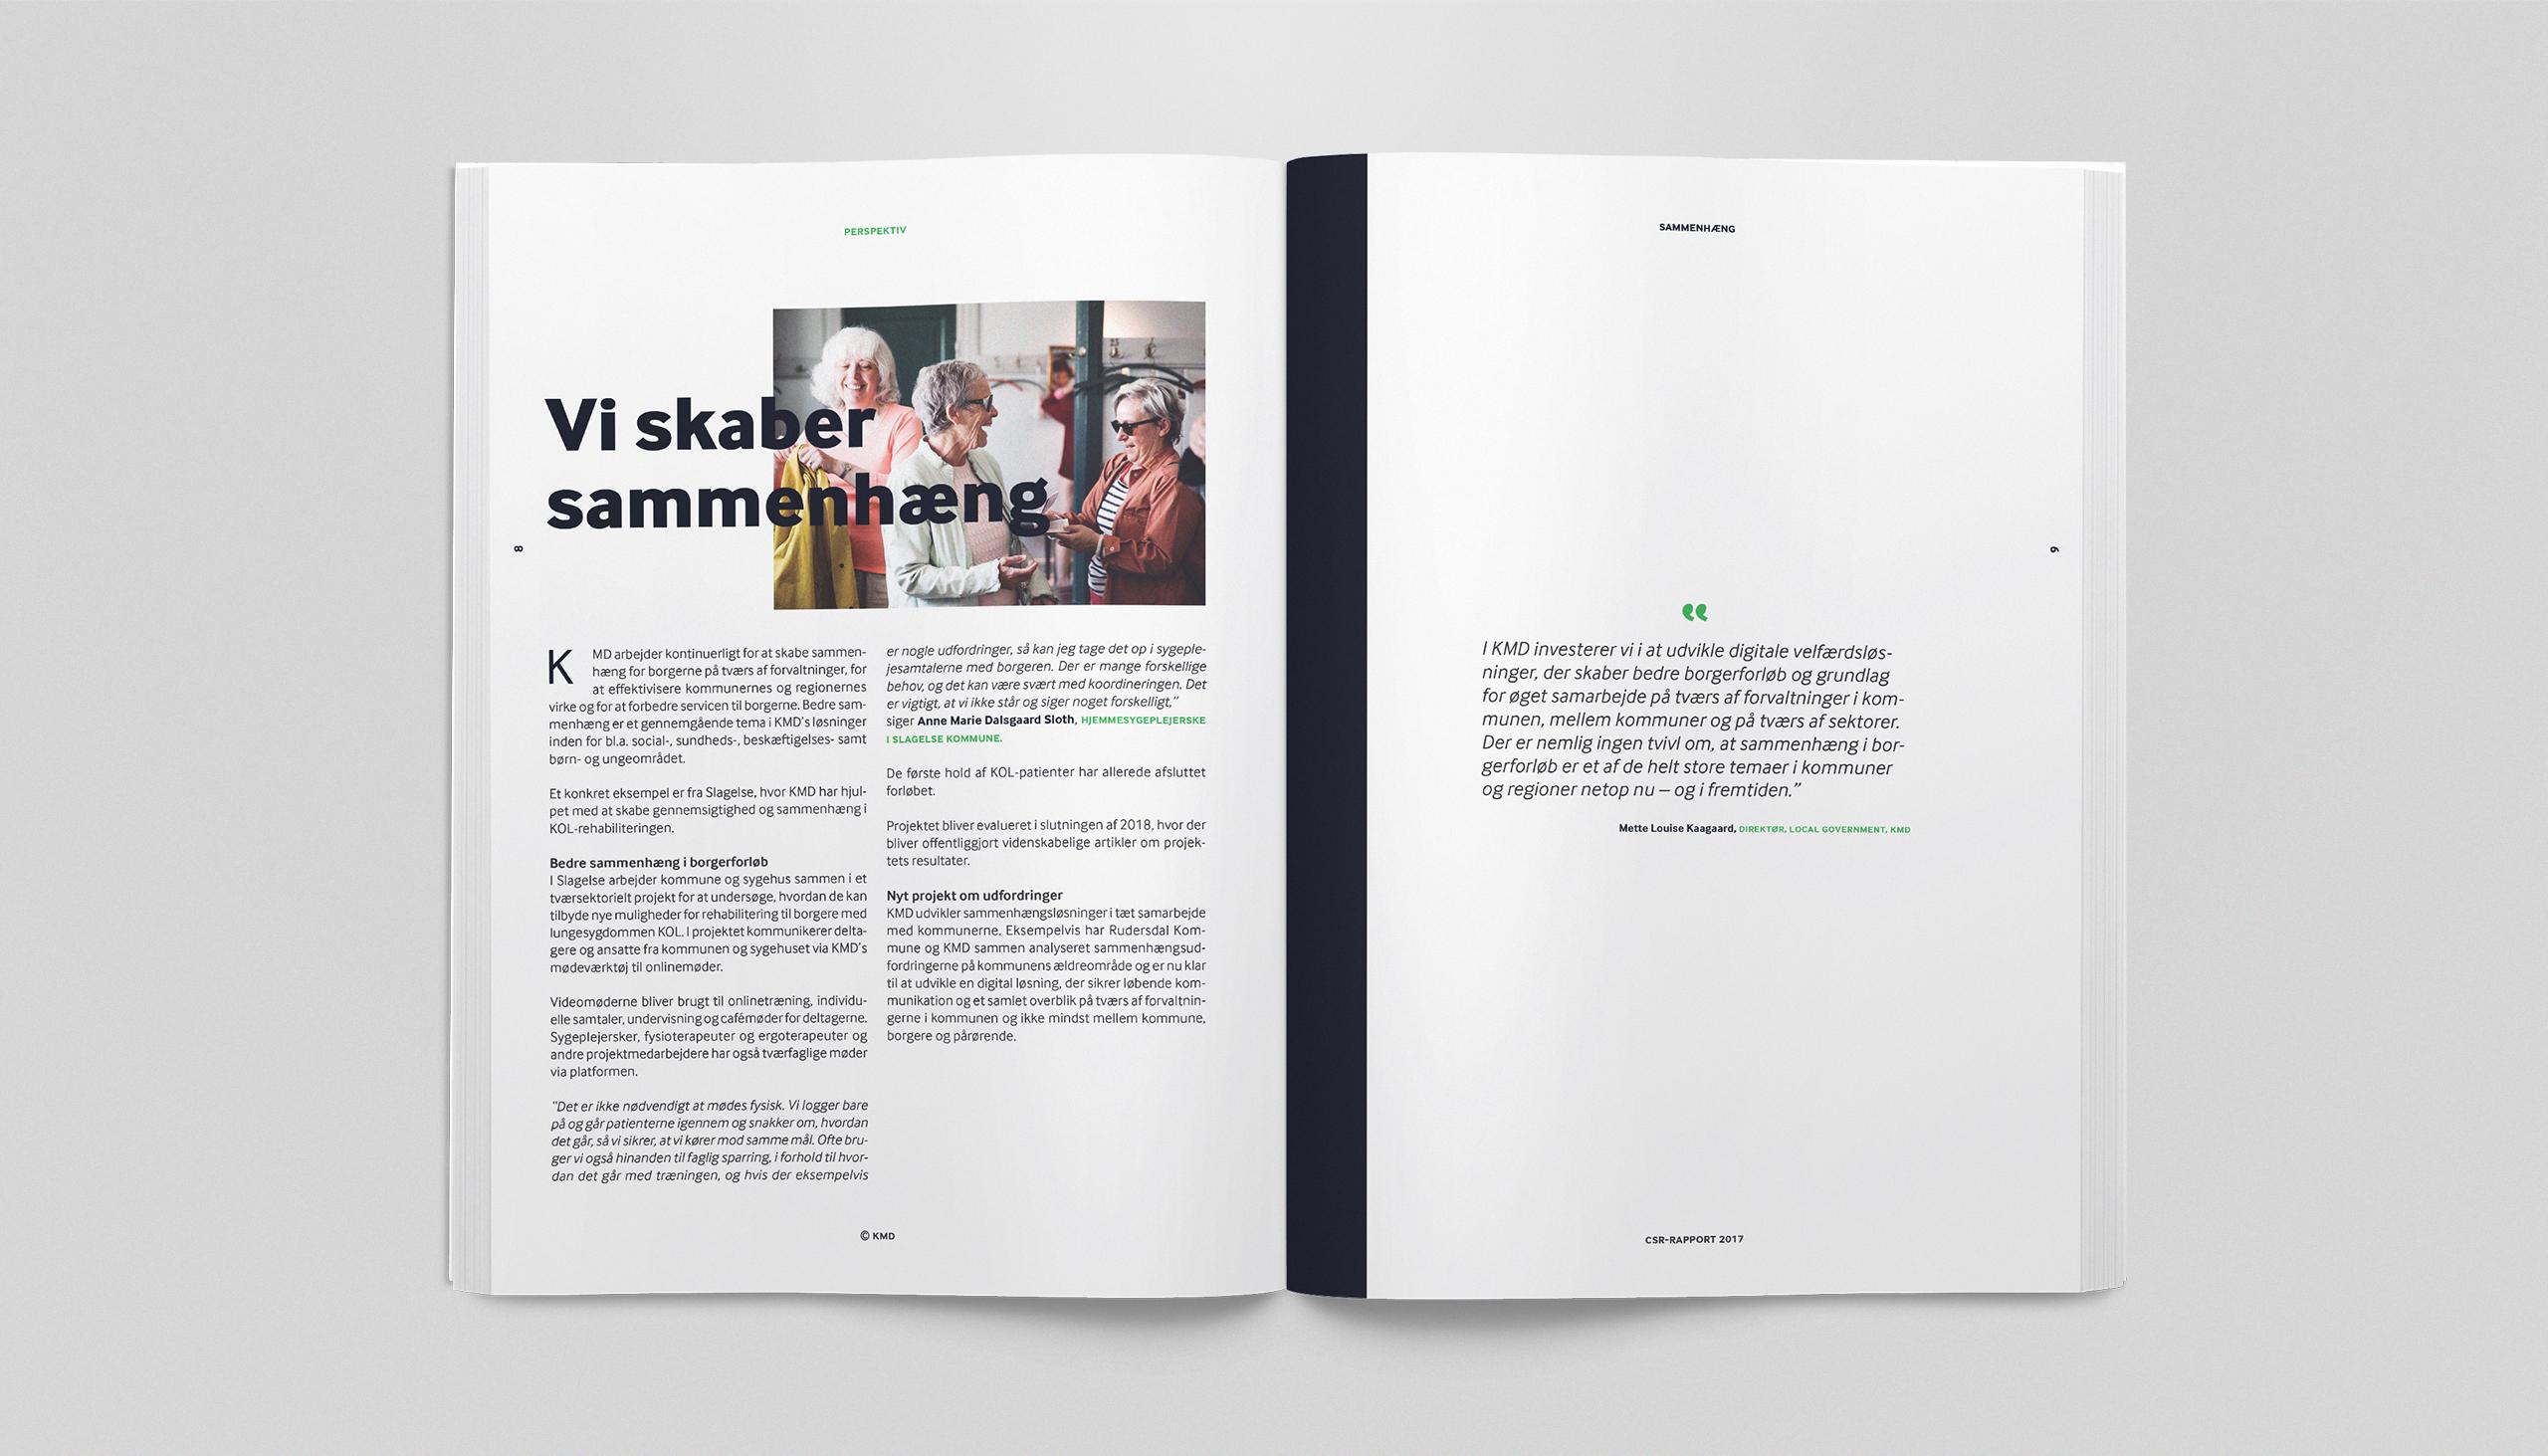 CSR_Præs_2020Indhold-copy-4